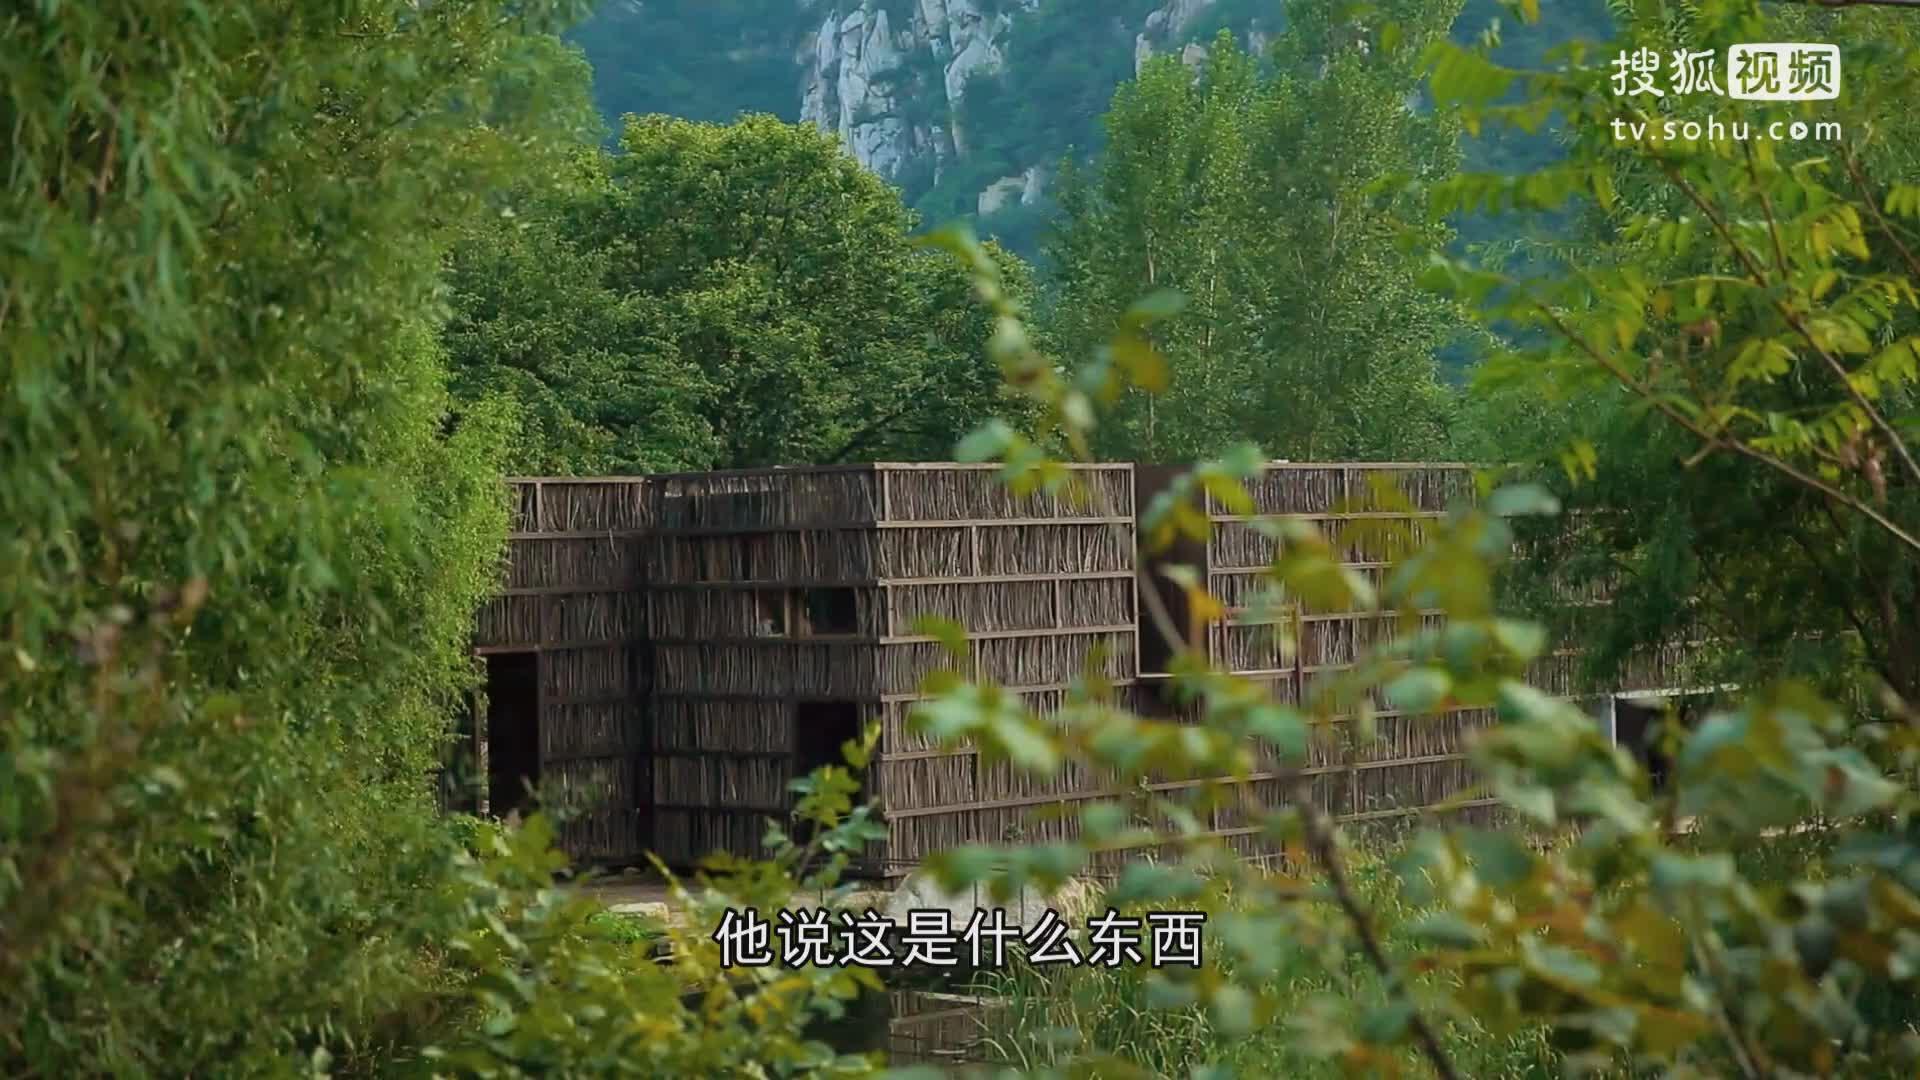 二更视频丨京郊现天堂模样,连神仙都不愿离开